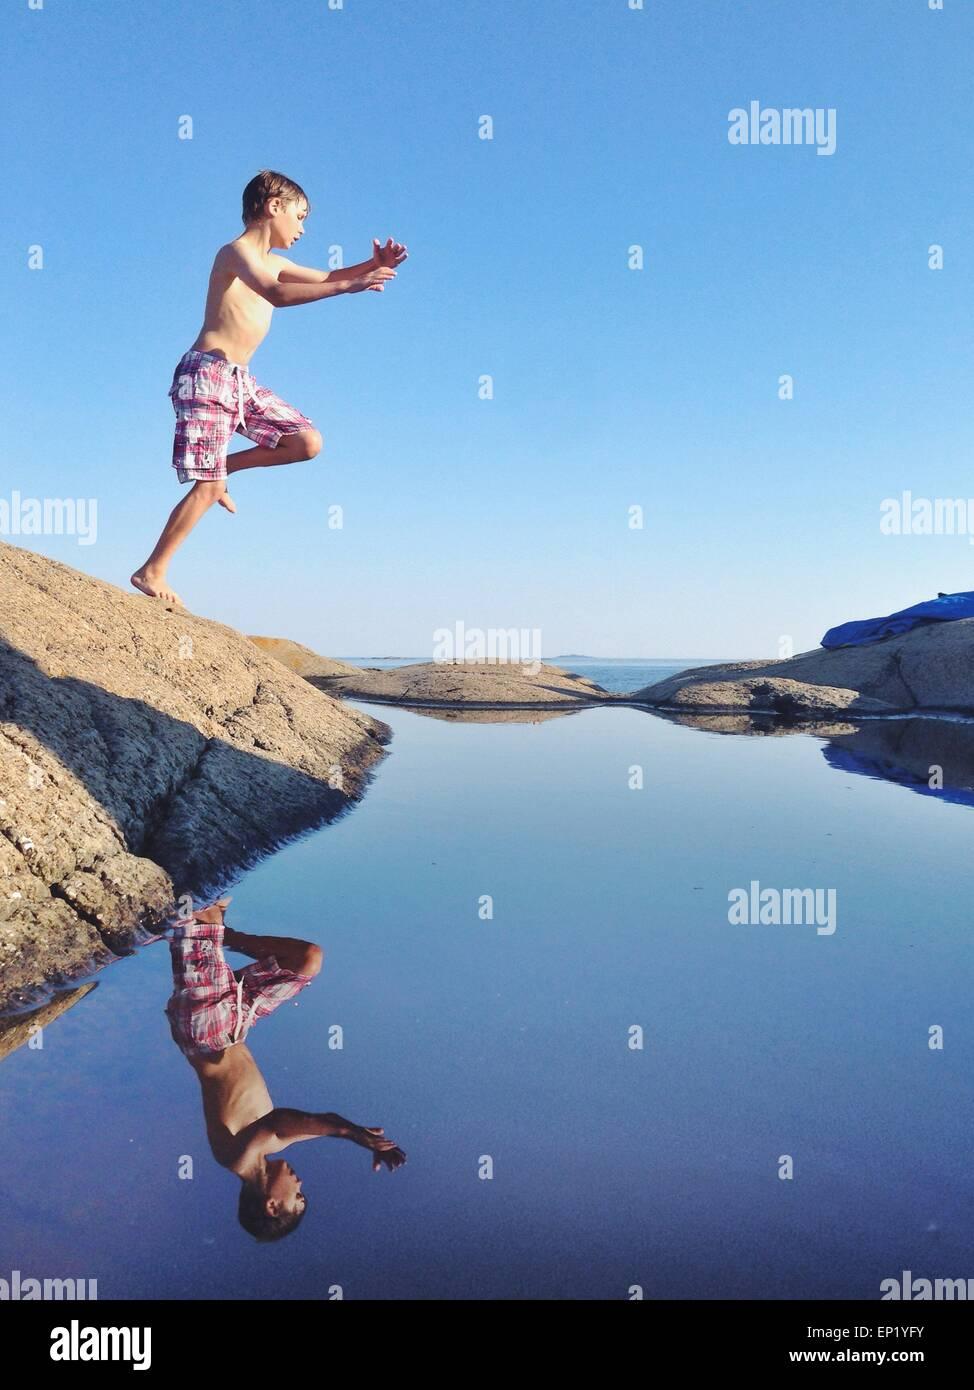 Ragazzo salta fuori da una roccia in mare Immagini Stock